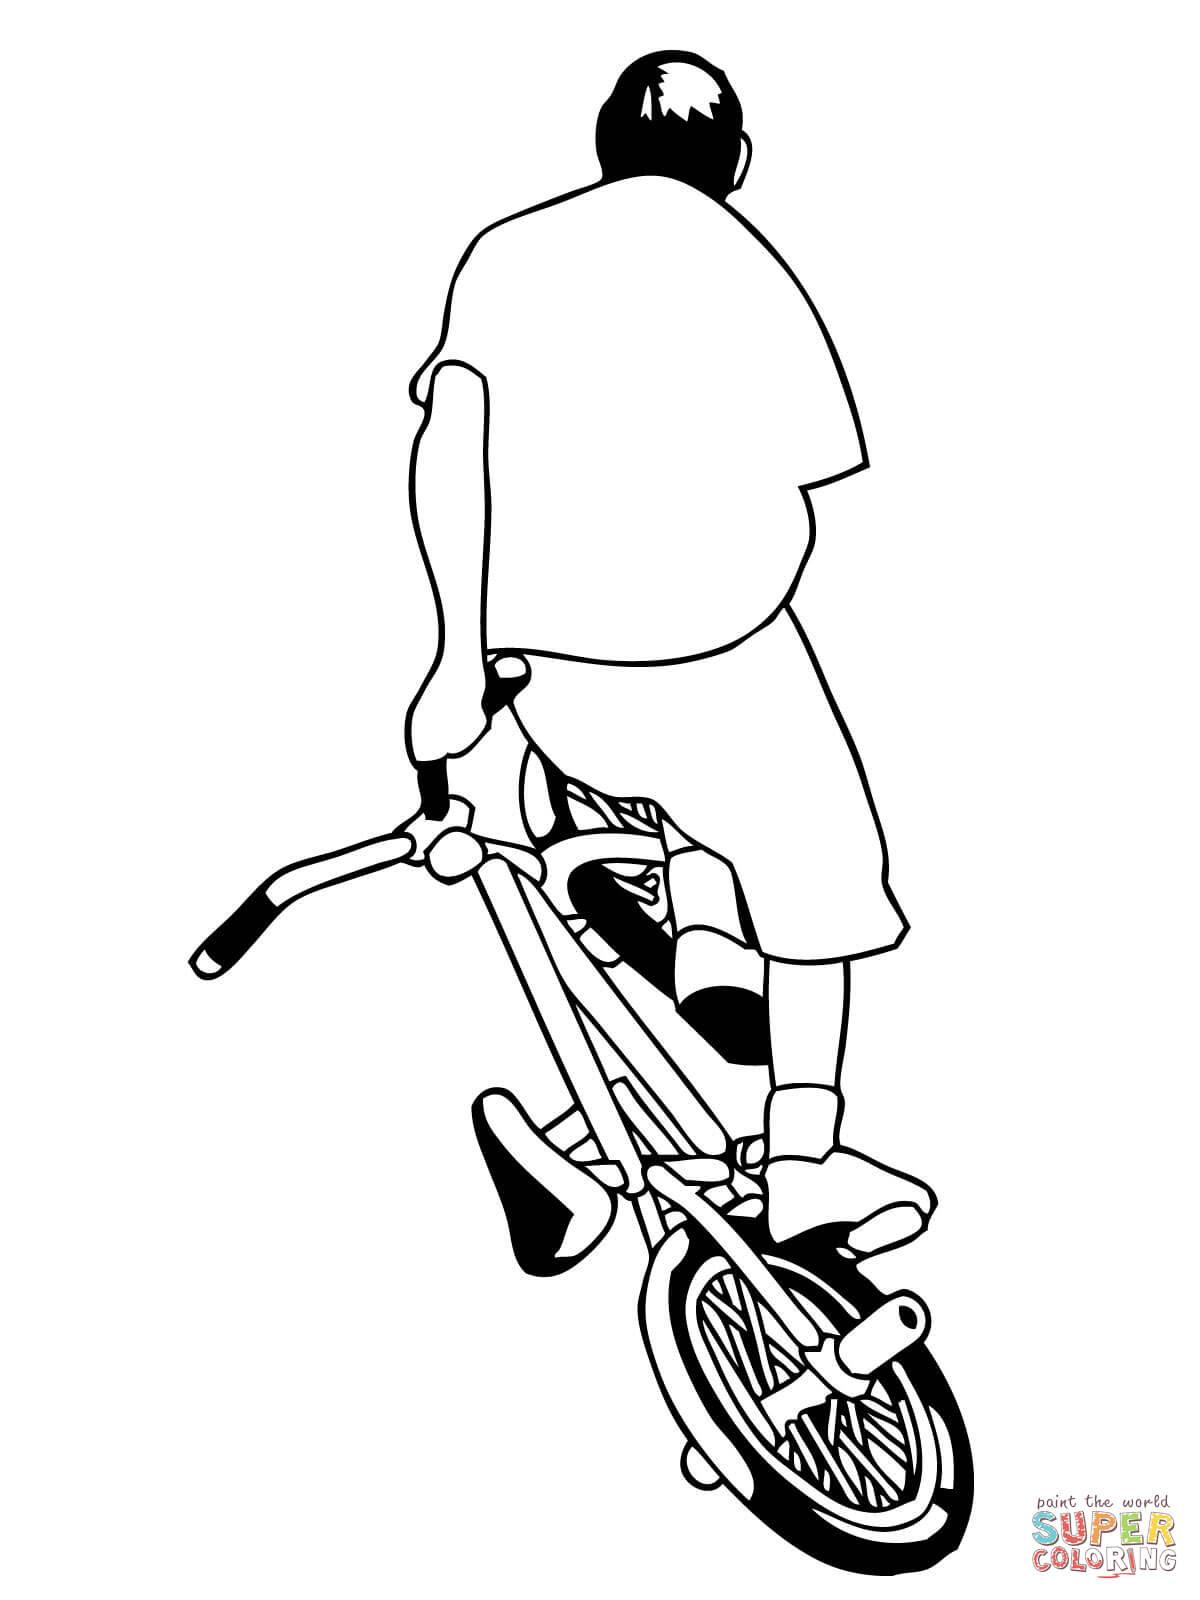 er sur la Vélo BMX coloriages pour visualiser la version imprimable ou colorier en ligne patible avec les tablettes iPad et Android